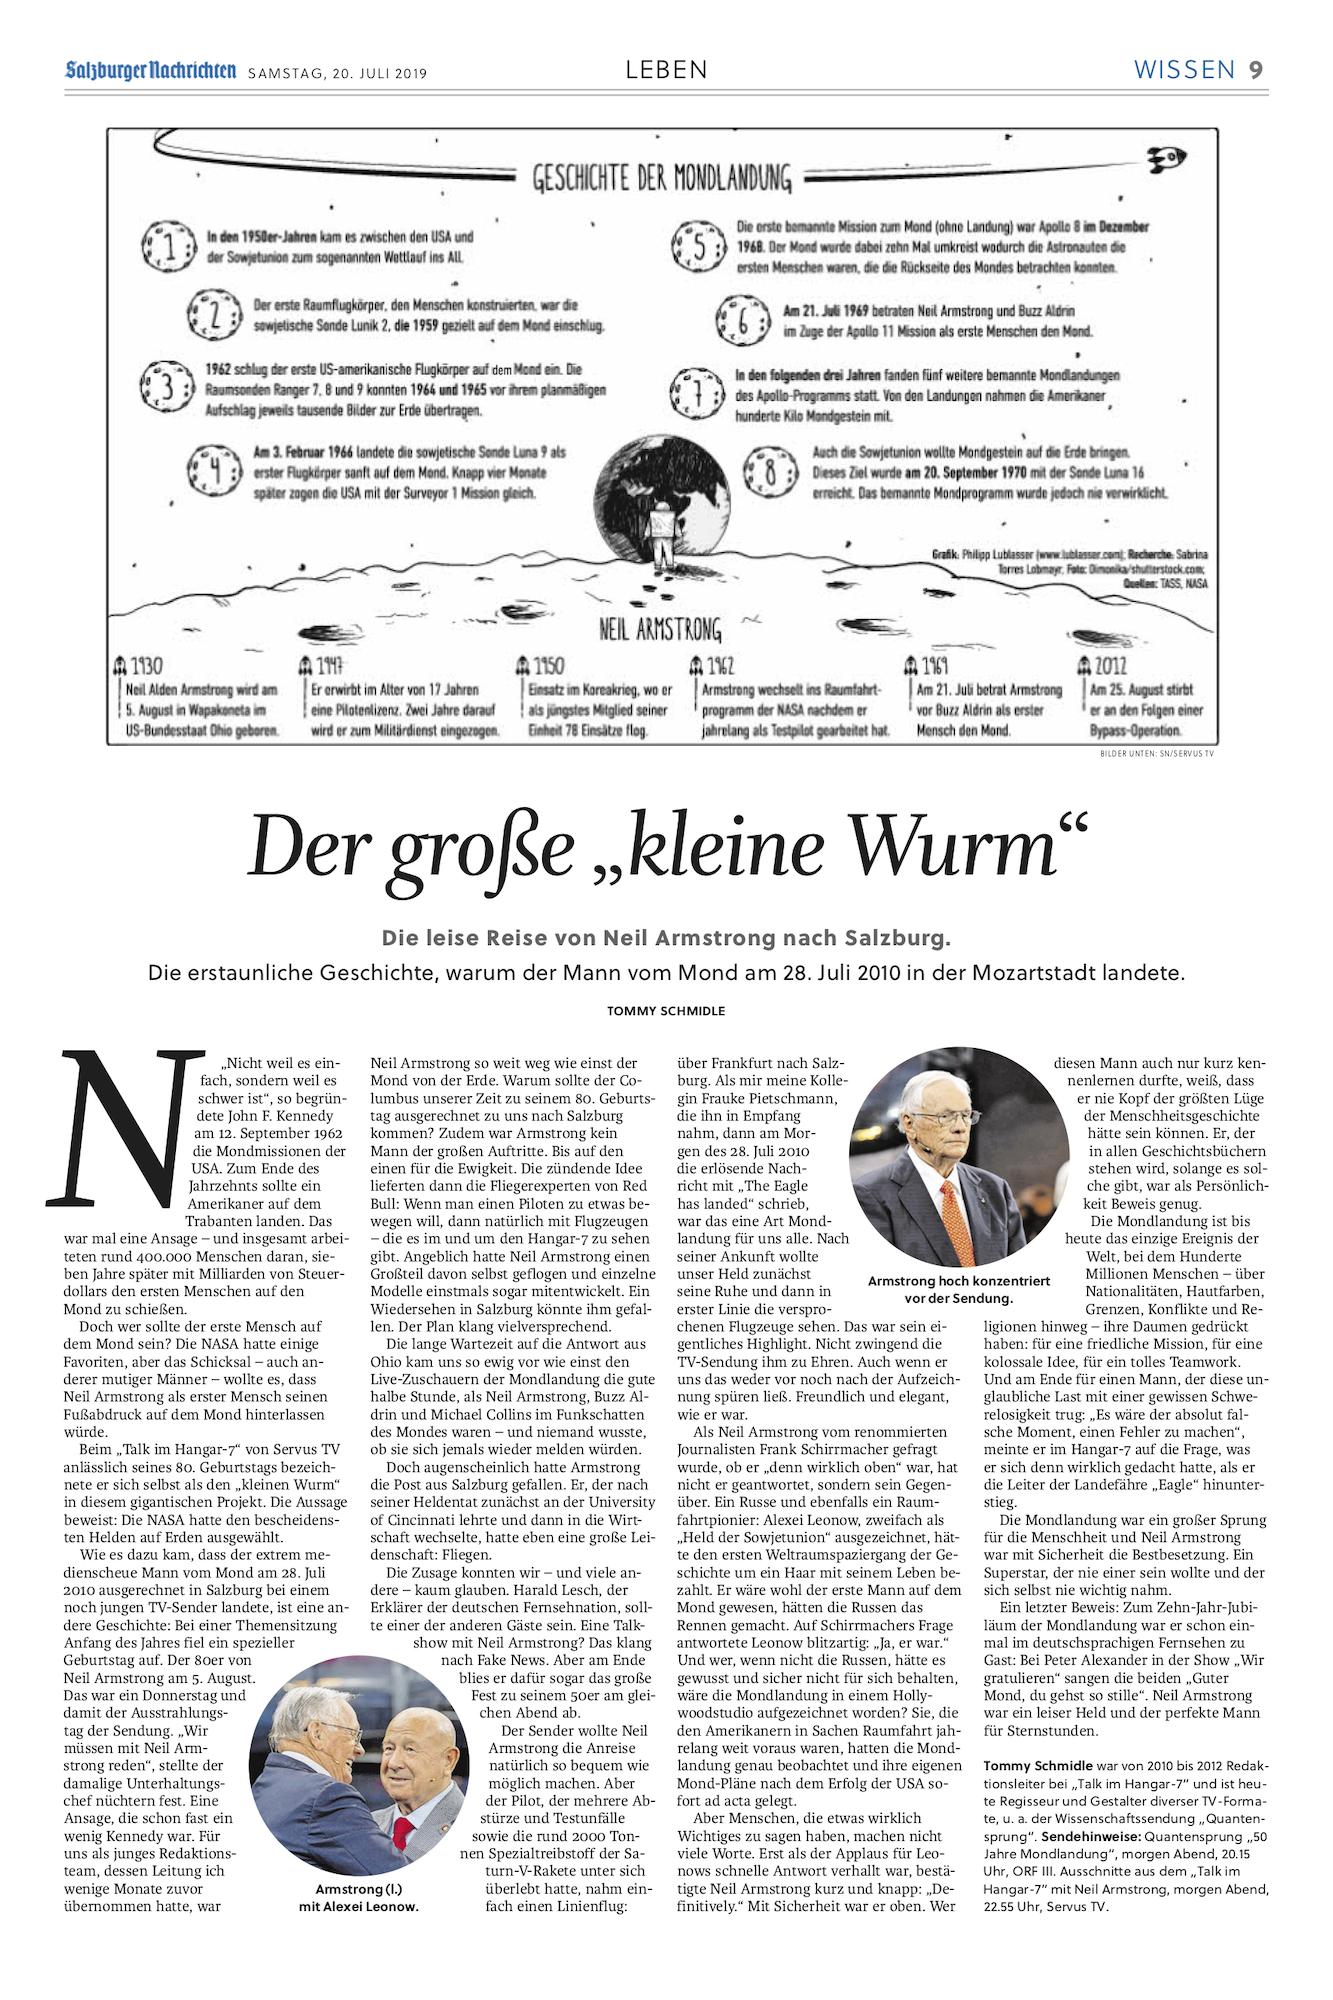 Artikel aus den Salzburger Nachrichten zu 50 Jahre Mondlandung